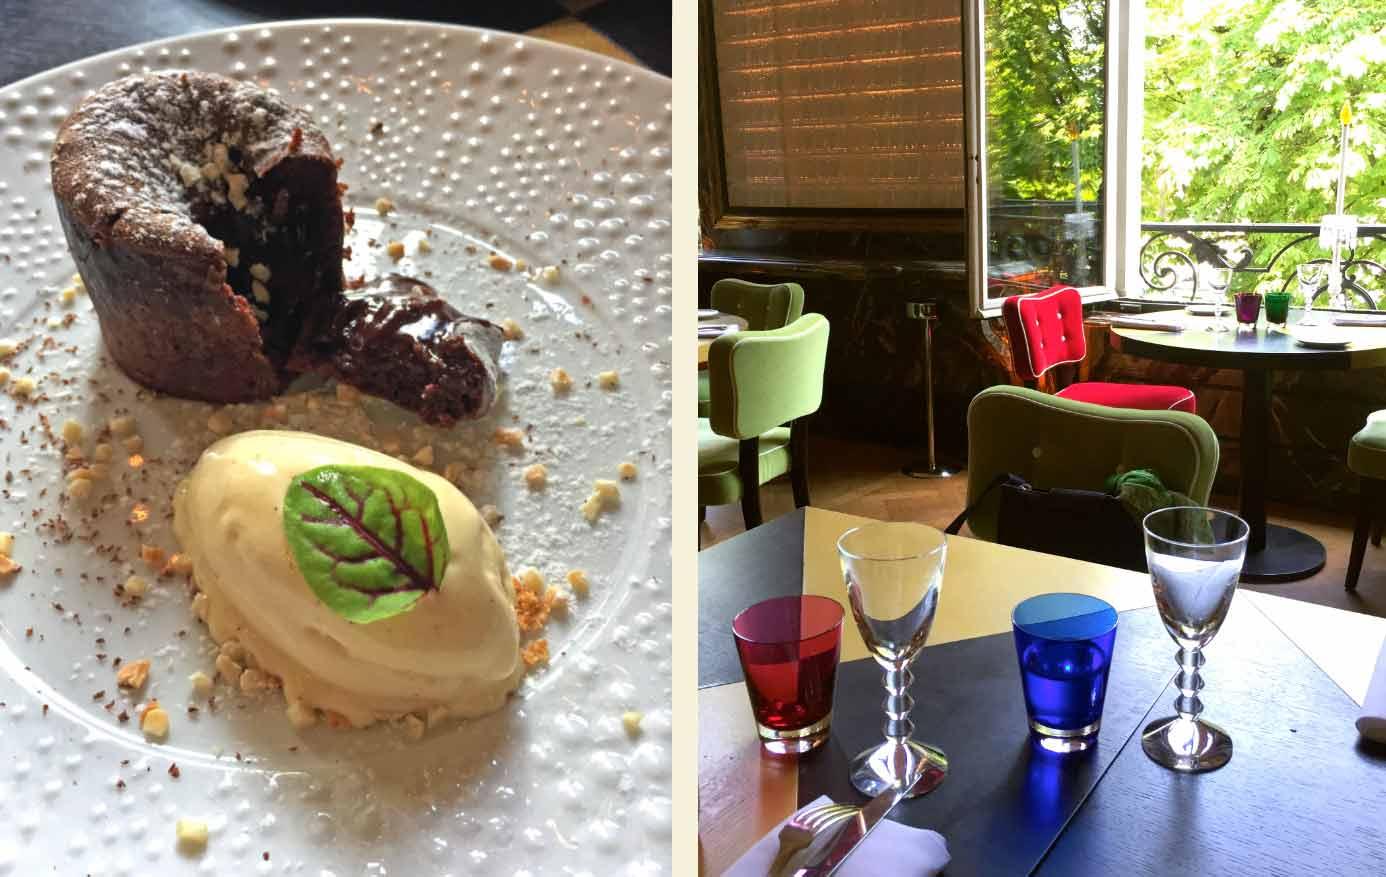 Restaurant Cristal Room Baccarat, chocolat crémeux